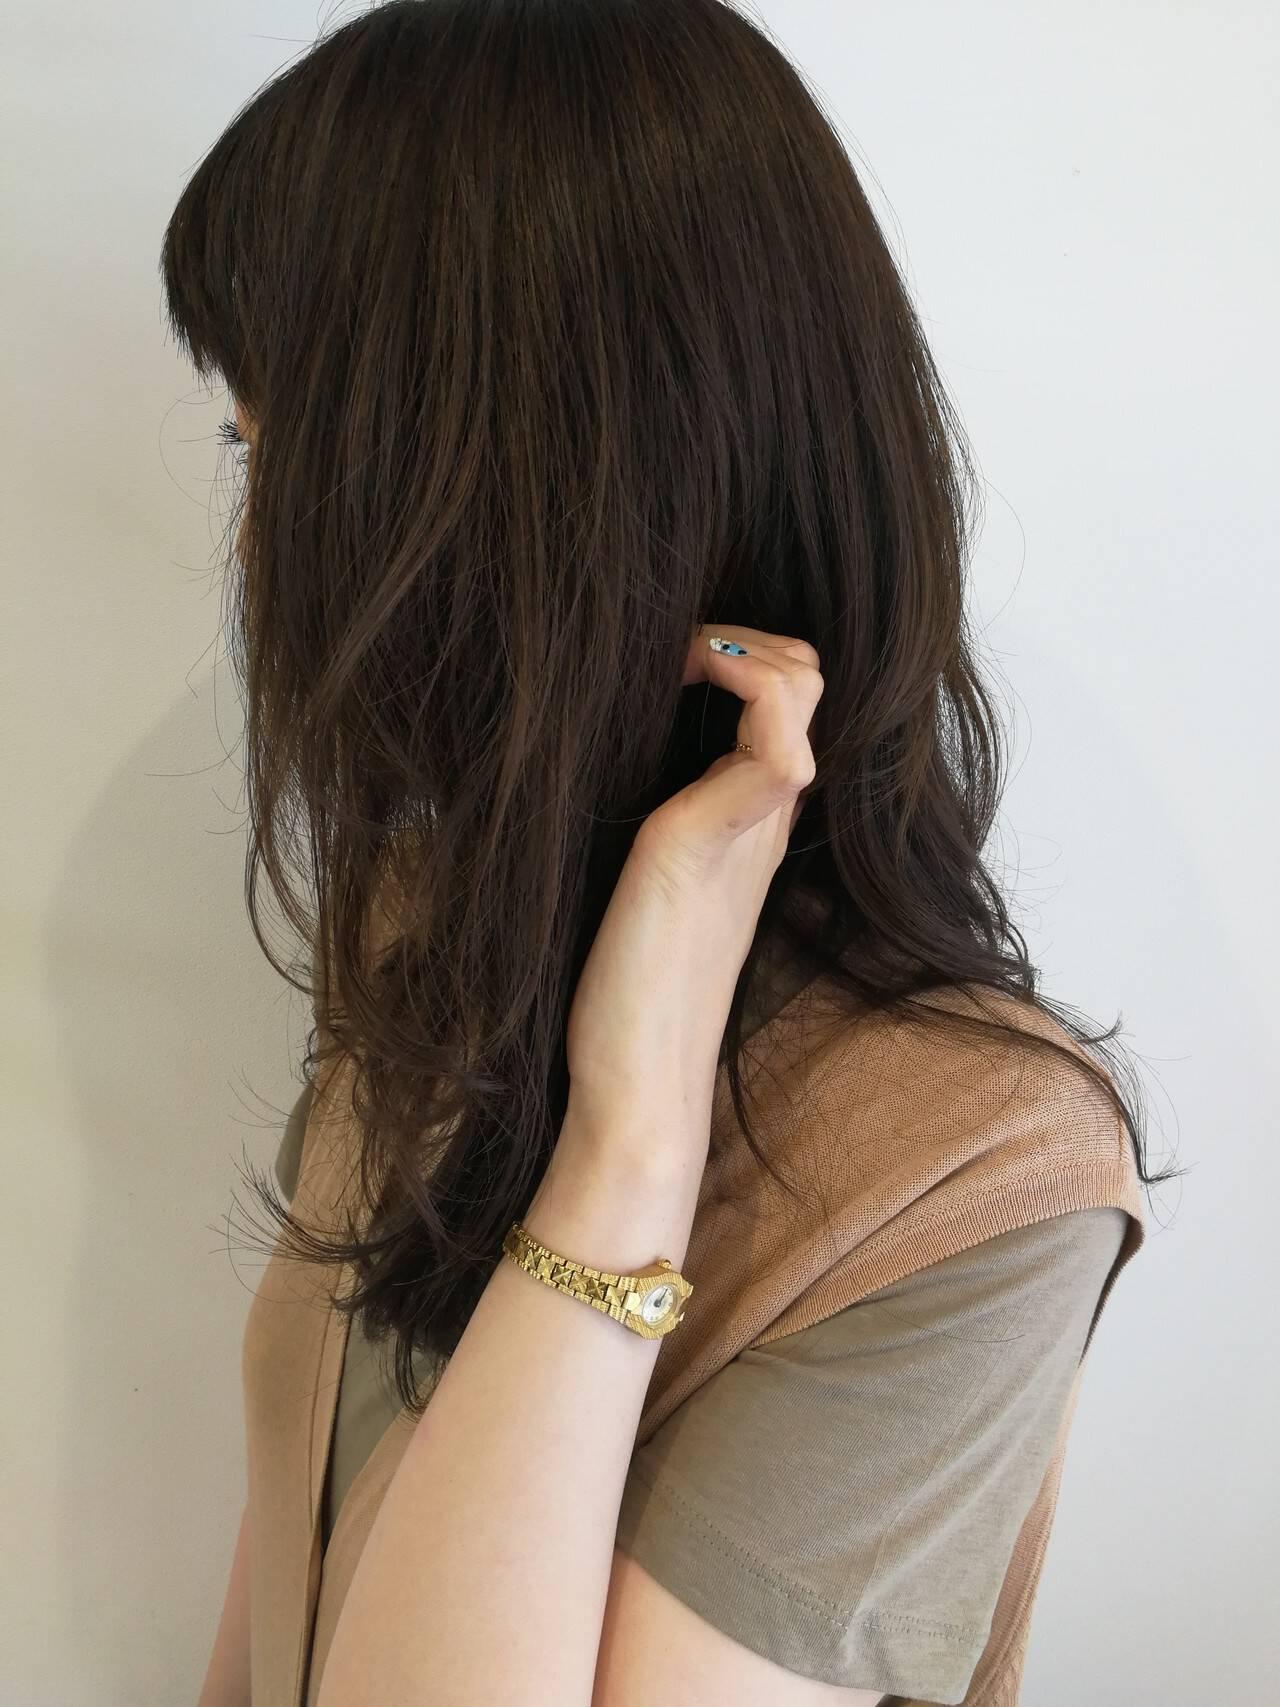 ナチュラル レイヤーカット ヘアカラー ハイライトヘアスタイルや髪型の写真・画像